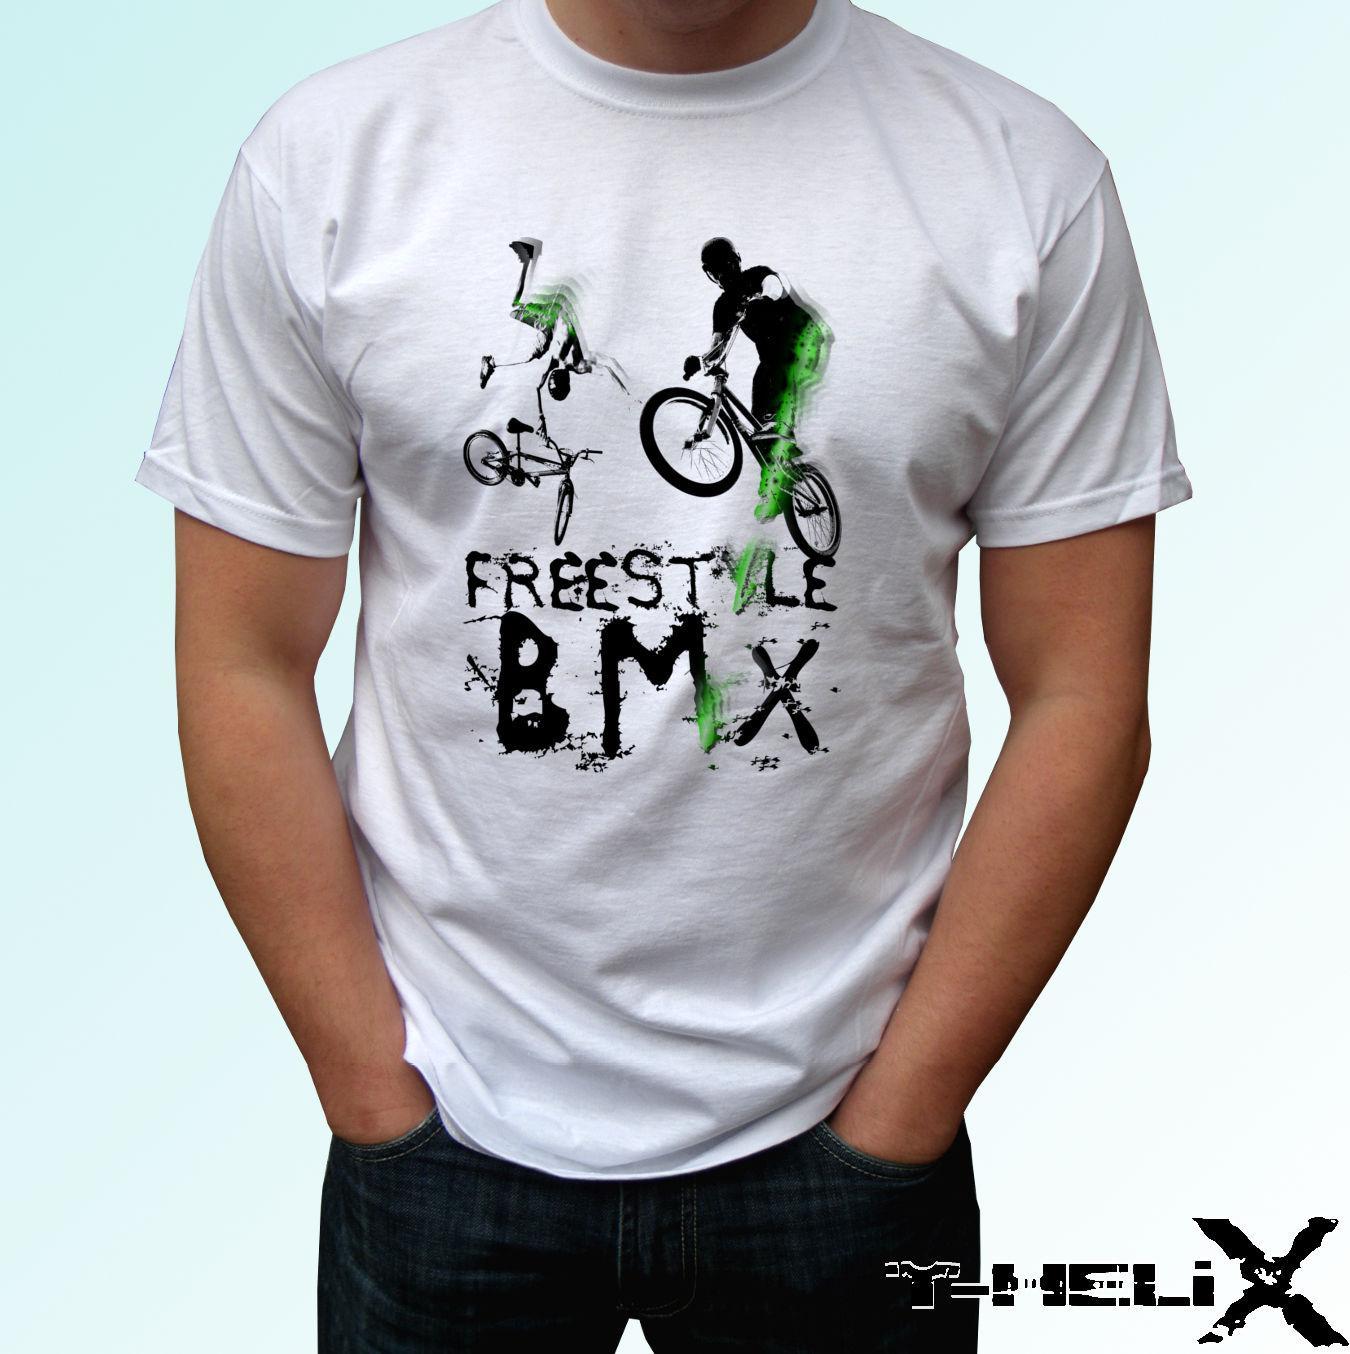 6a971786a Compre Freestyle Bmx Camiseta Blanca Diseño Superior Hombres Mujeres Para  Mujer Tamaños De Bebés Camisetas Con Camisetas Divertidas Nuevas Camisetas  ...